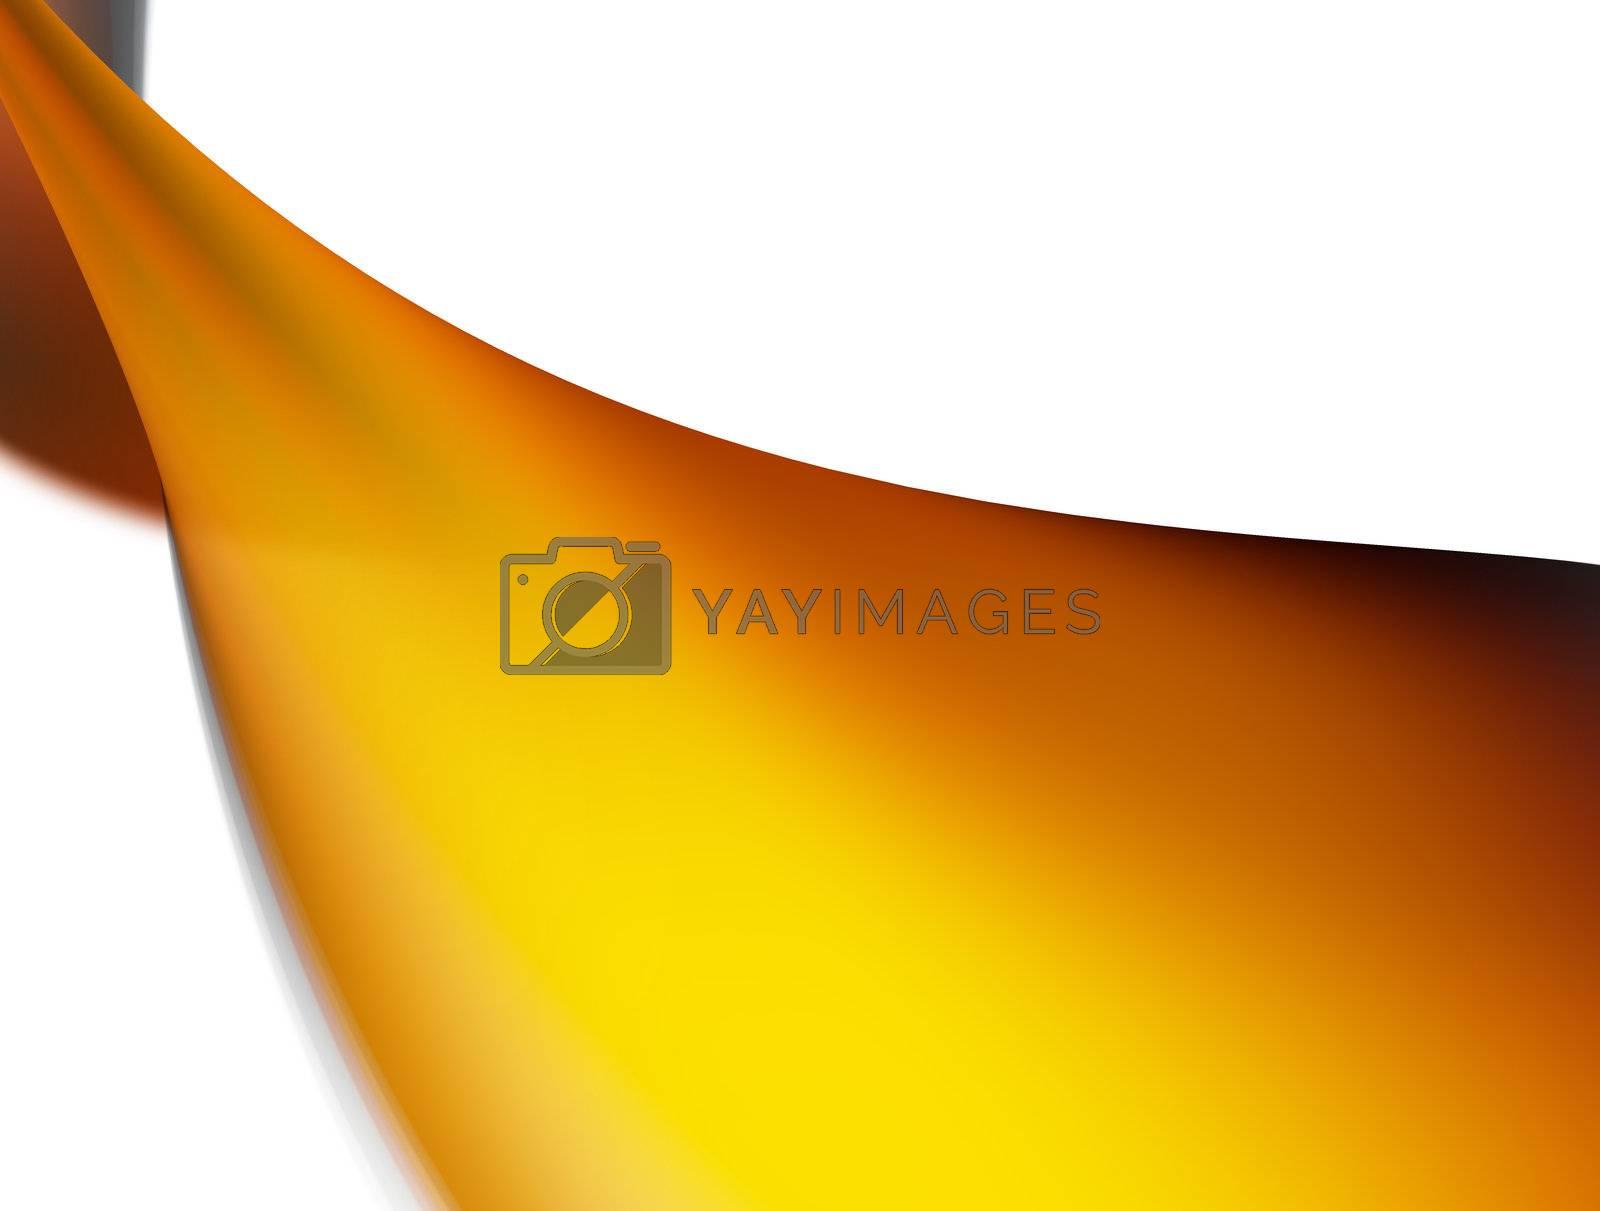 dynamic orange wave on white background. illustration